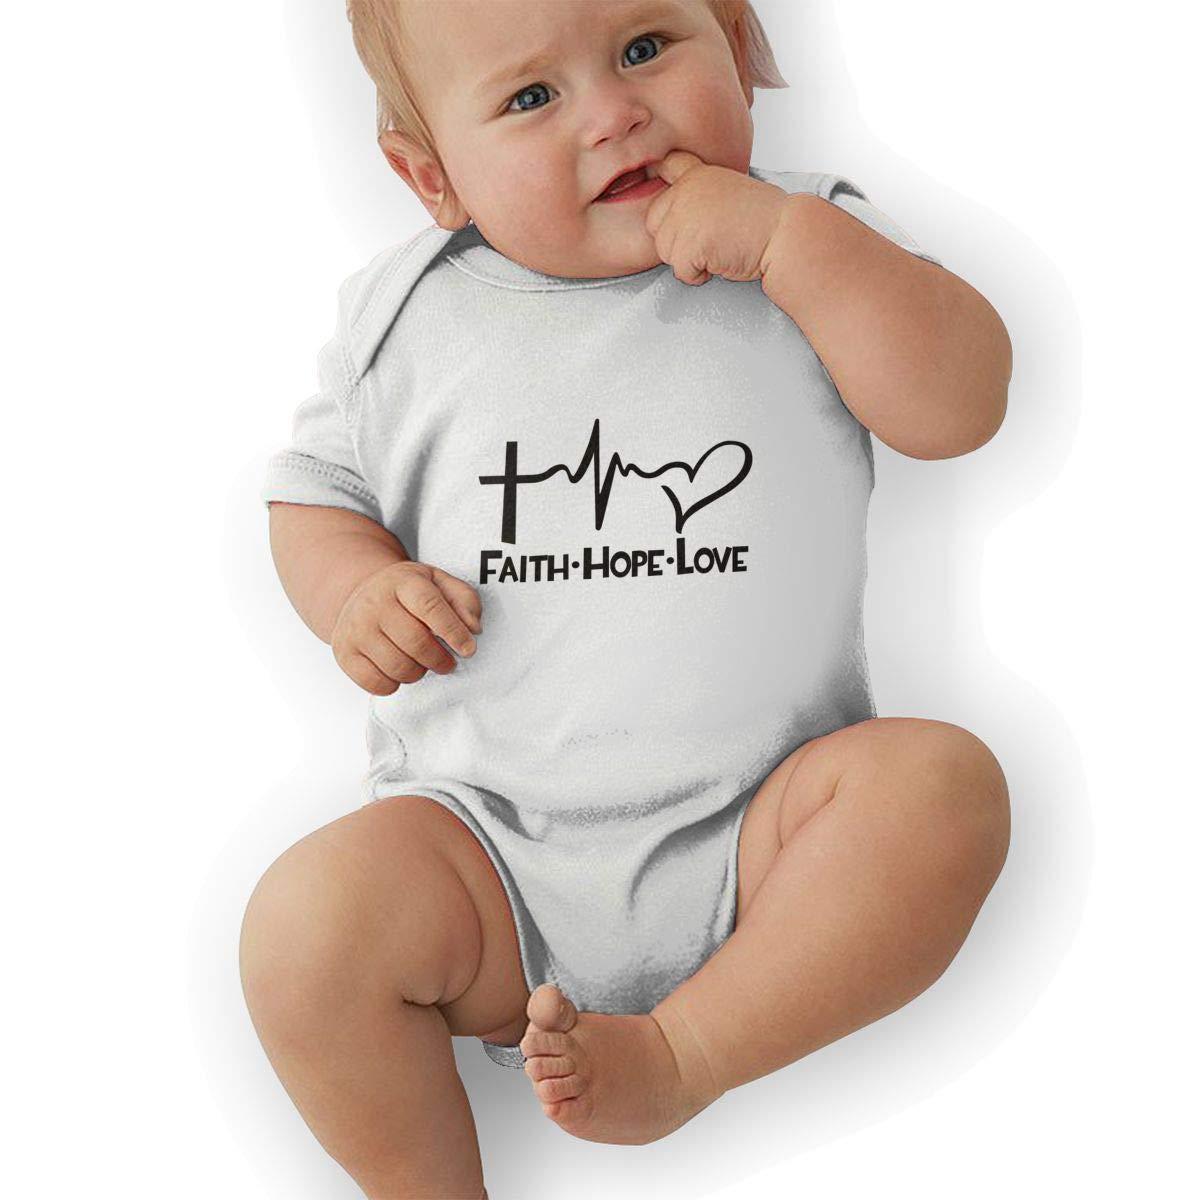 Infant Baby Boys Bodysuit Short-Sleeve Onesie Faith Hope Love Print Outfit Summer Pajamas